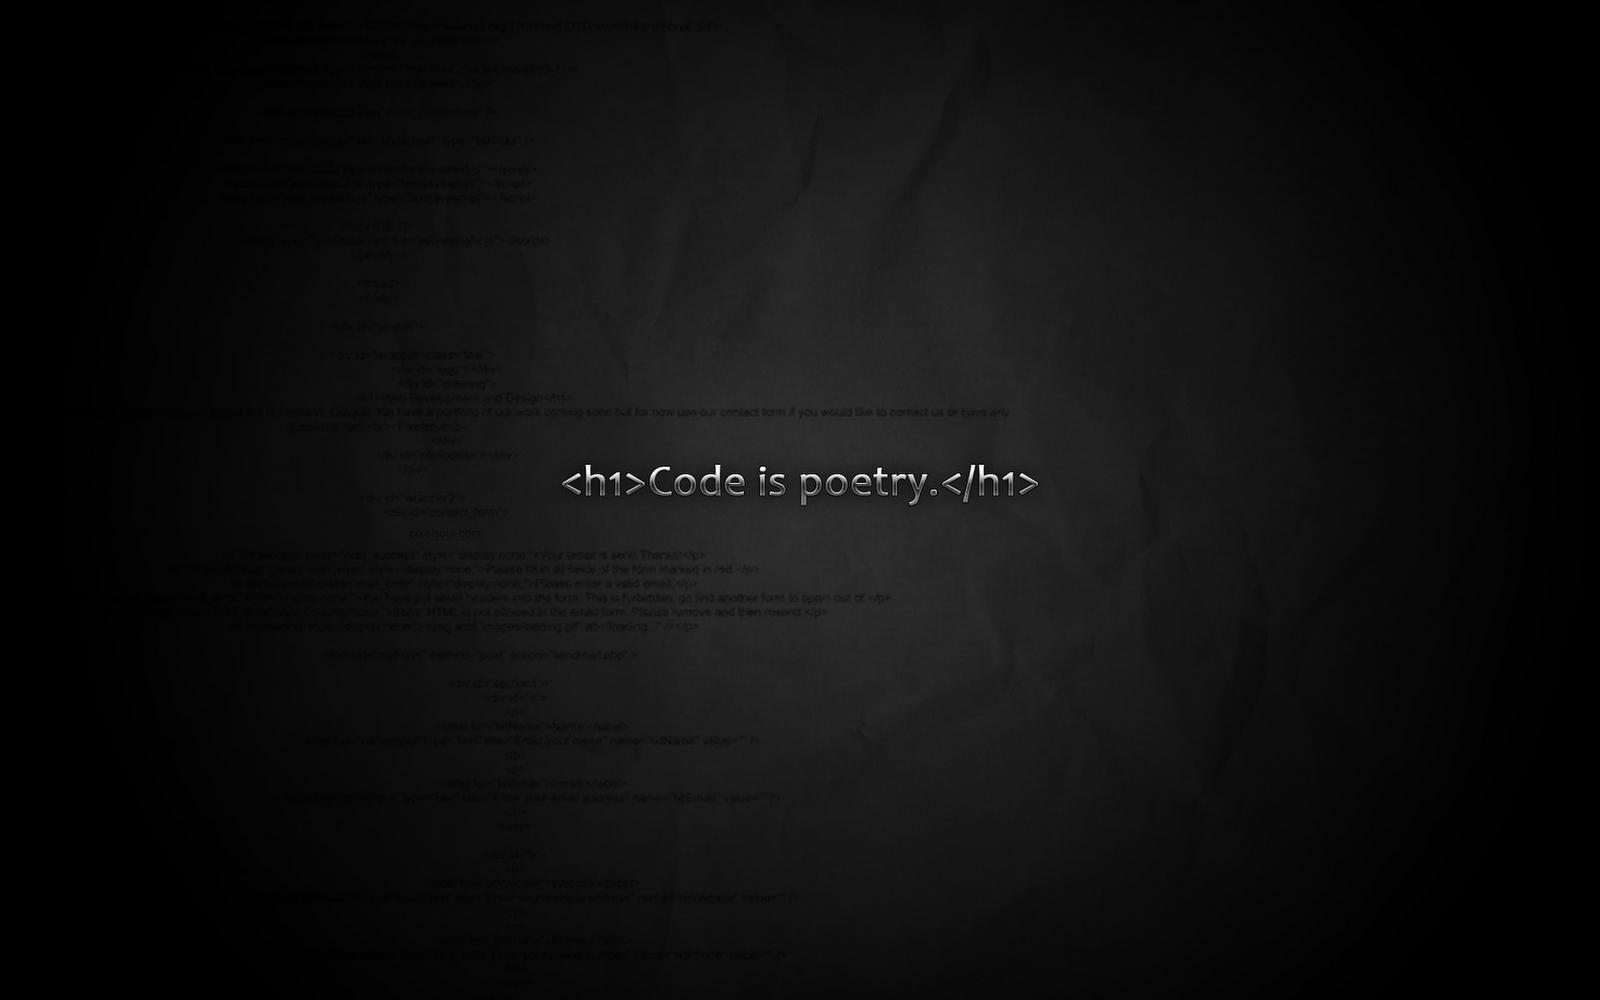 minimalistic programming wallpaper 1366x768 - photo #41